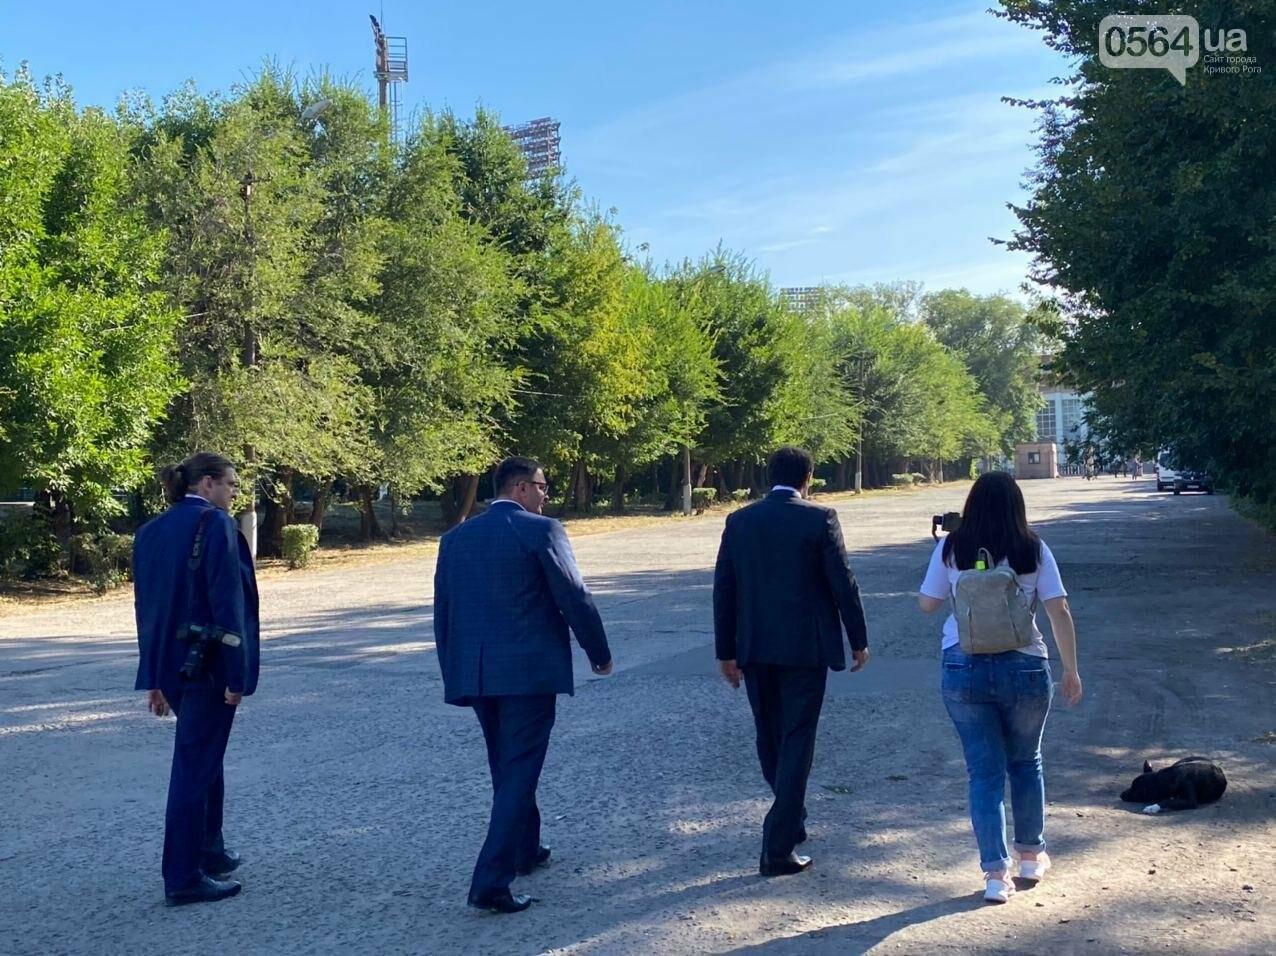 """Возле стадиона """"Металлург"""" в Кривом Роге ожидают президента. Огромный участок подготовили под парковку автомобилей, - ФОТО, ВИДЕО, ОБНОВЛЕНО, фото-3"""